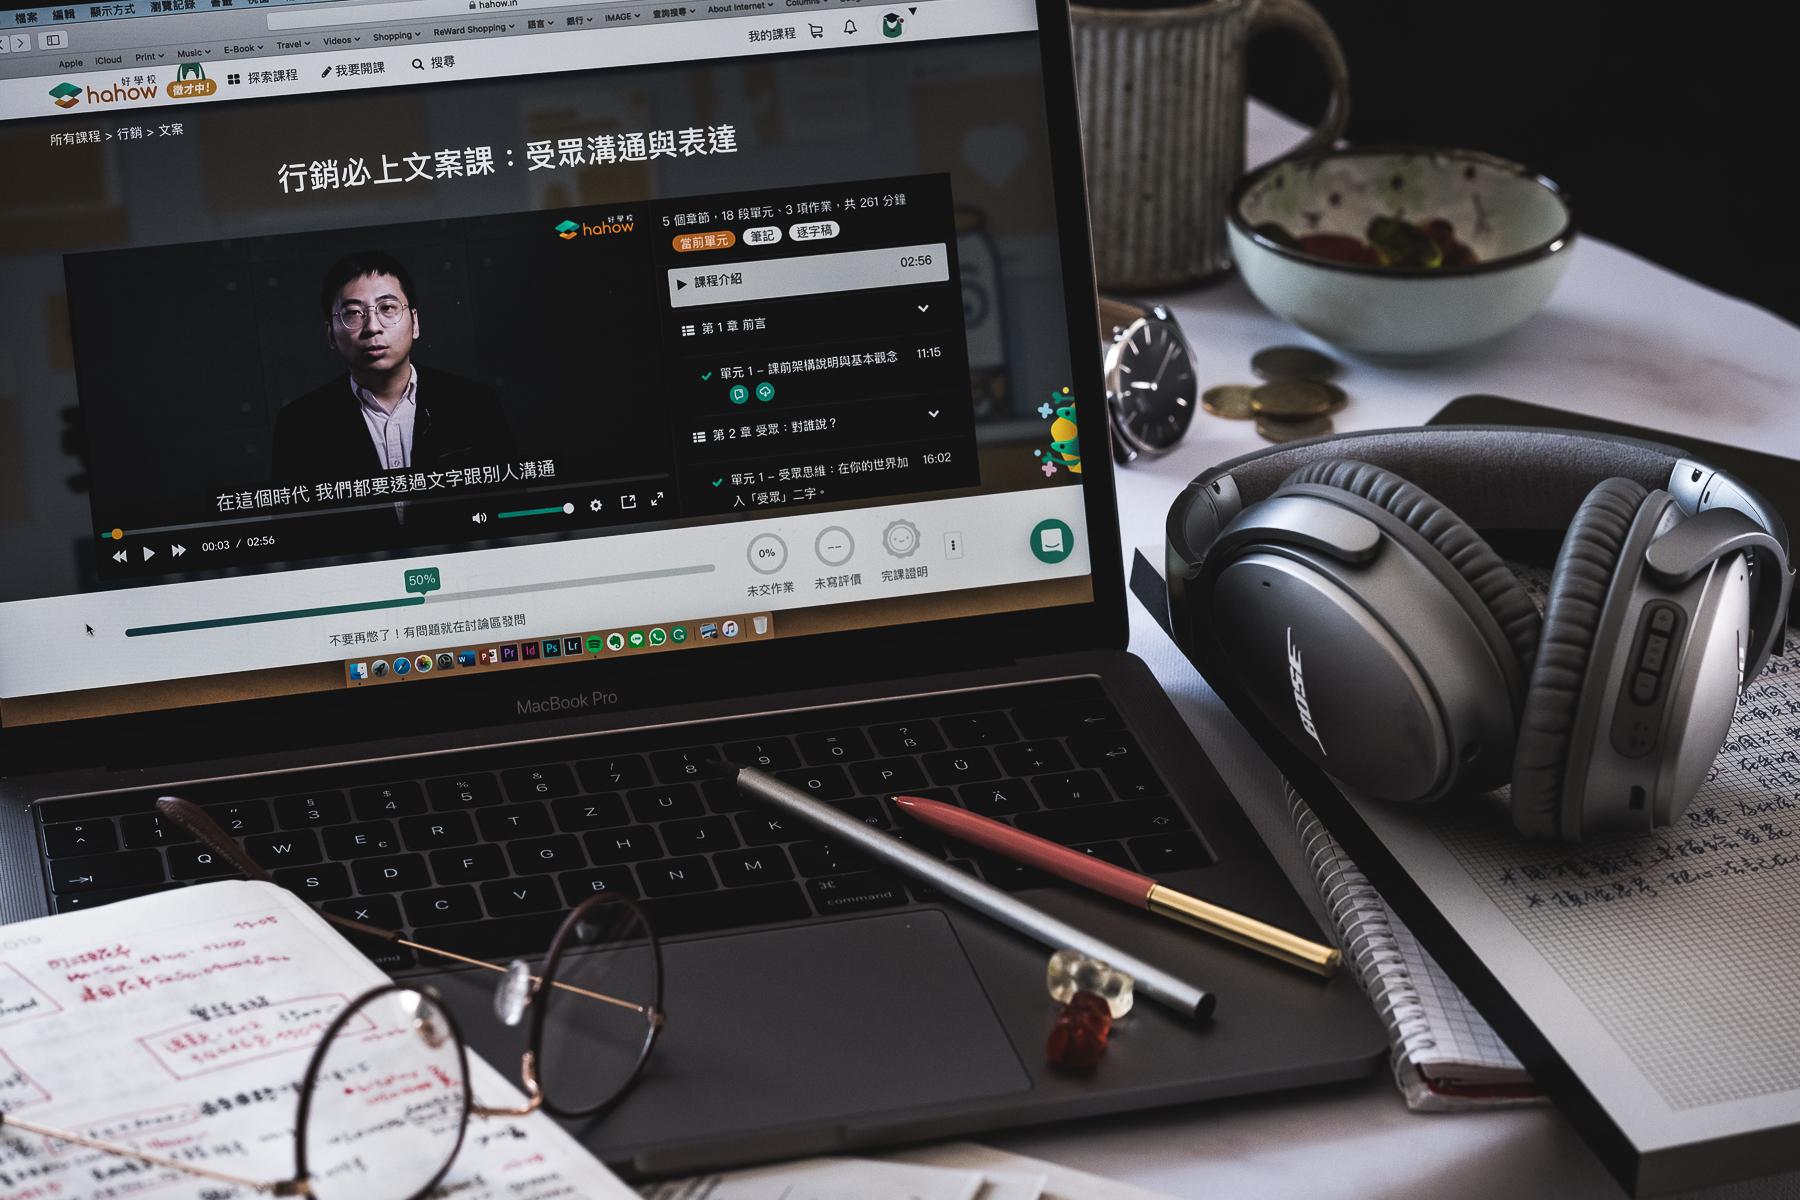 好學校-行銷必上文案課-受眾溝通與表達 - Fujifilm XT3 - Yes! Please Enjoy by Fanning Tseng-10.jpg